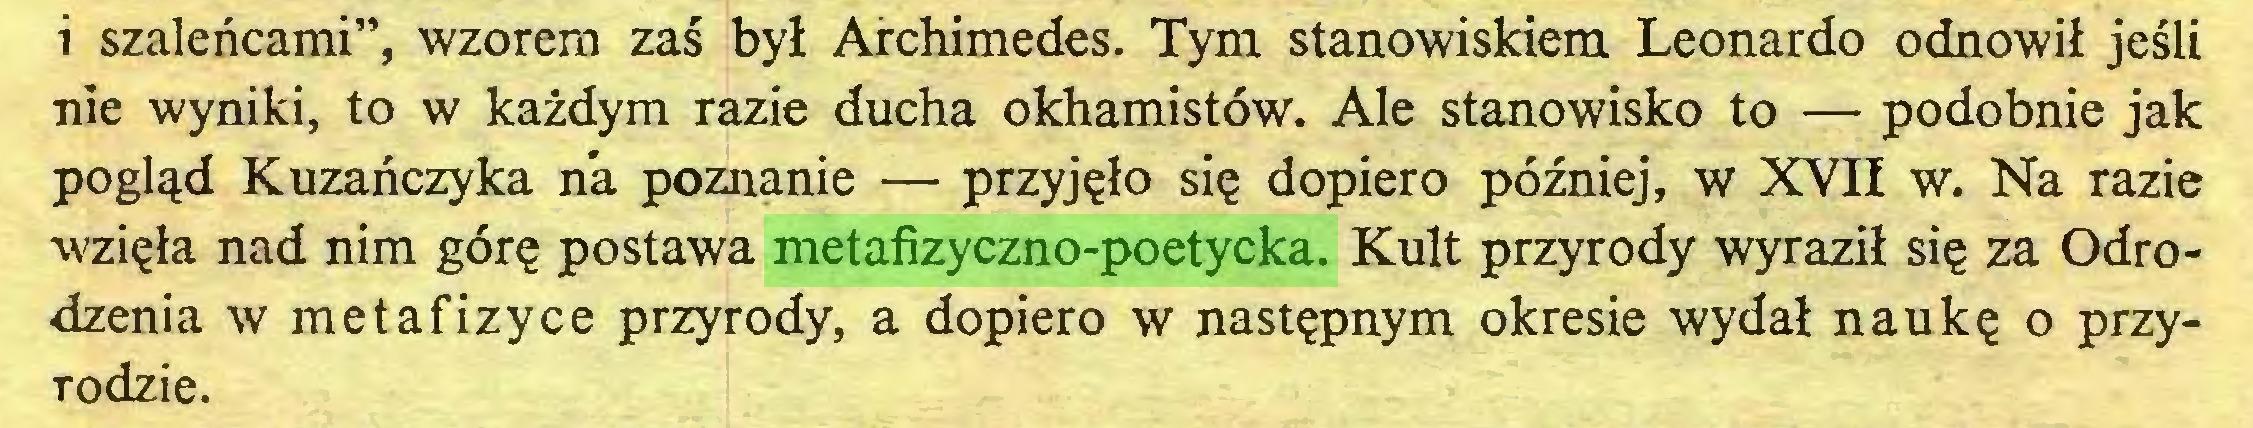 """(...) i szaleńcami"""", wzorem zaś był Archimedes. Tym stanowiskiem Leonardo odnowił jeśli nie wyniki, to w każdym razie ducha okhamistów. Ale stanowisko to — podobnie jak pogląd Kuzańczyka na poznanie — przyjęło się dopiero później, w XVII w. Na razie wzięła nad nim górę postawa metafizyczno-poetycka. Kult przyrody wyraził się za Odrodzenia w metafizyce przyrody, a dopiero w następnym okresie wydał naukę o przyrodzie..."""